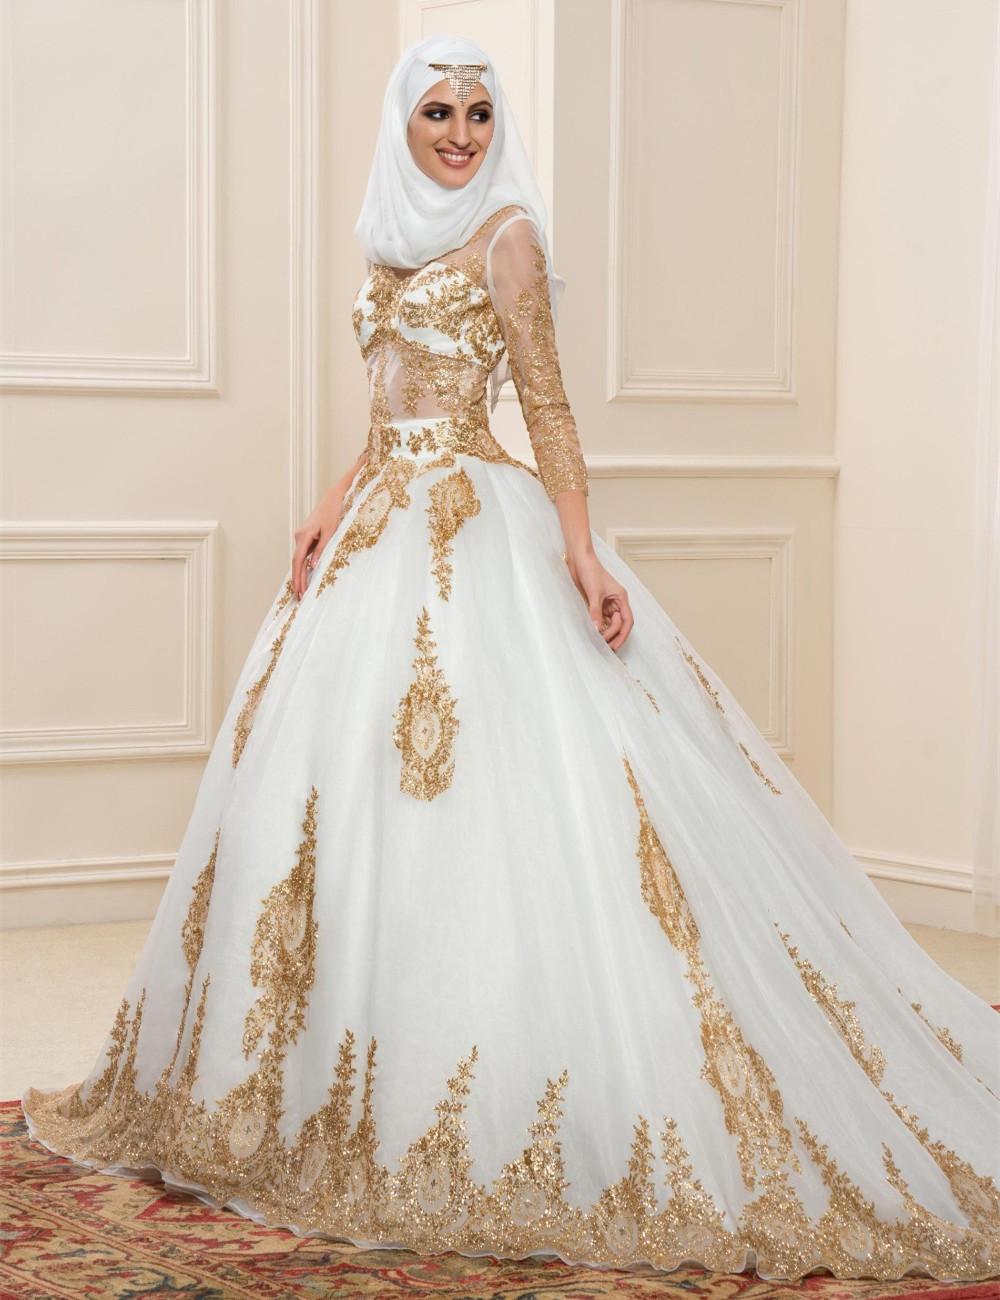 بالصور فساتين زفاف محجبات , ارقي فساتين ليلة العمر للعرائس المحجبات 2075 3